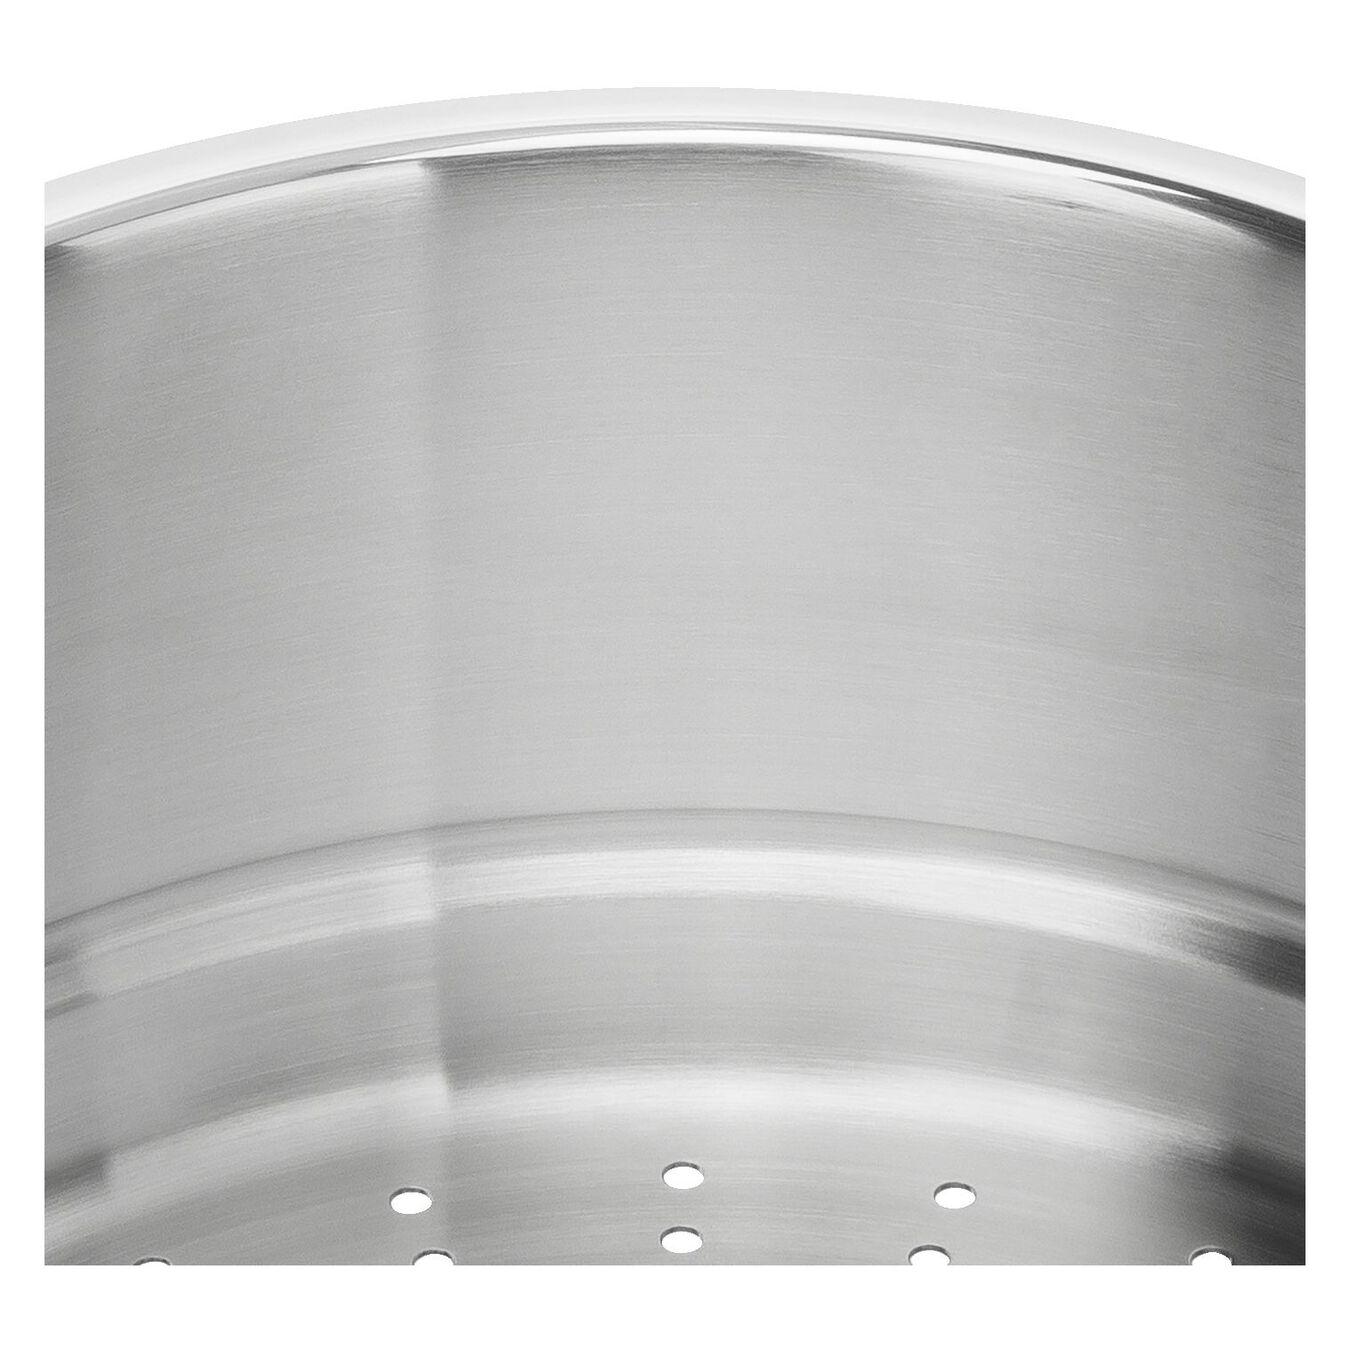 Ånginsats 24 cm, 18/10 Rostfritt stål,,large 4